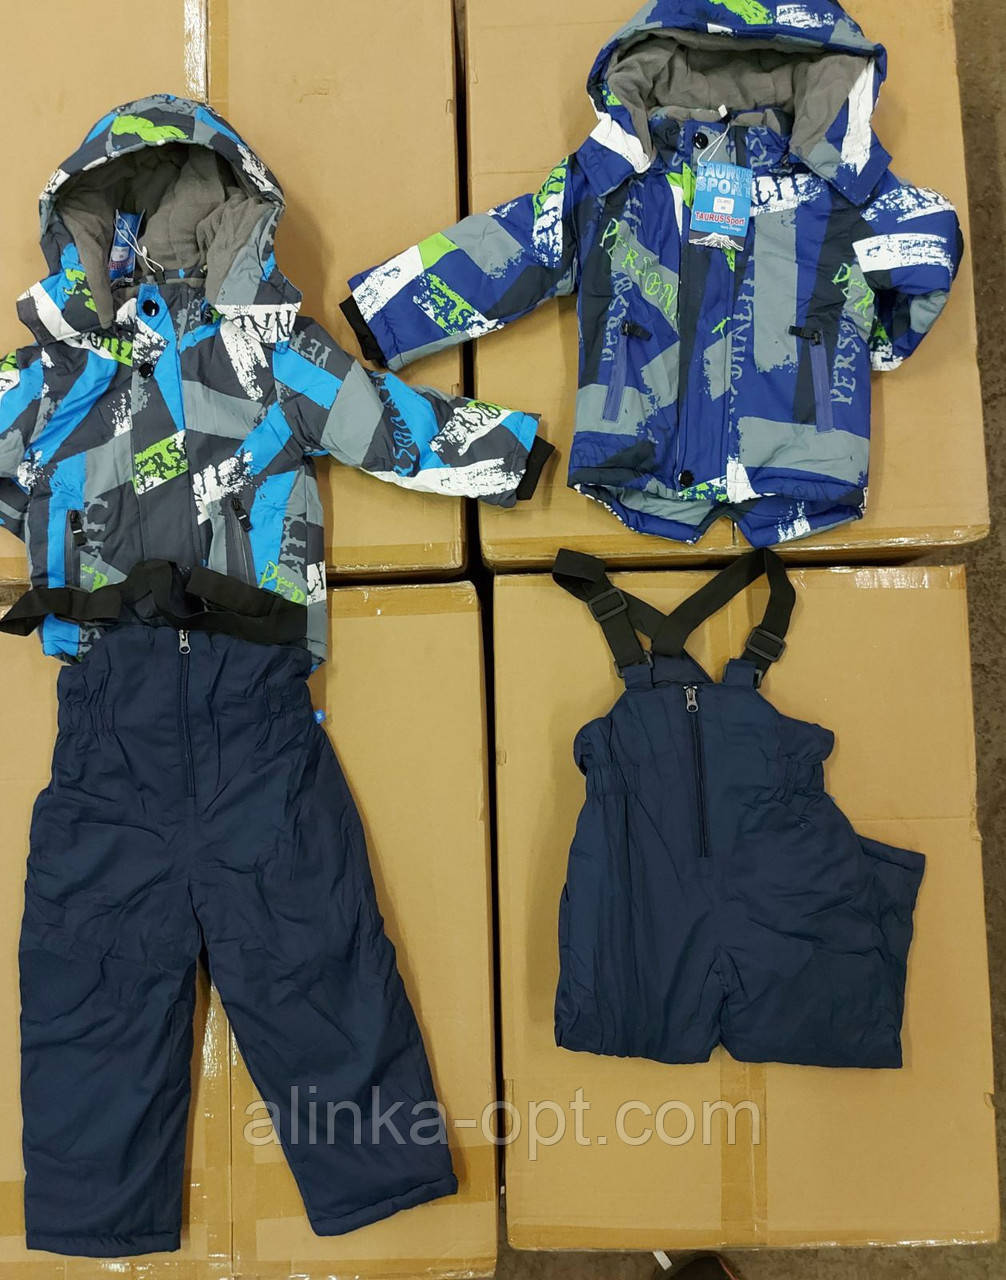 Куртка+напівкомбінезон утеплені для хлопчиків Taurus оптом, 98-128 рр.Артикул: DL652